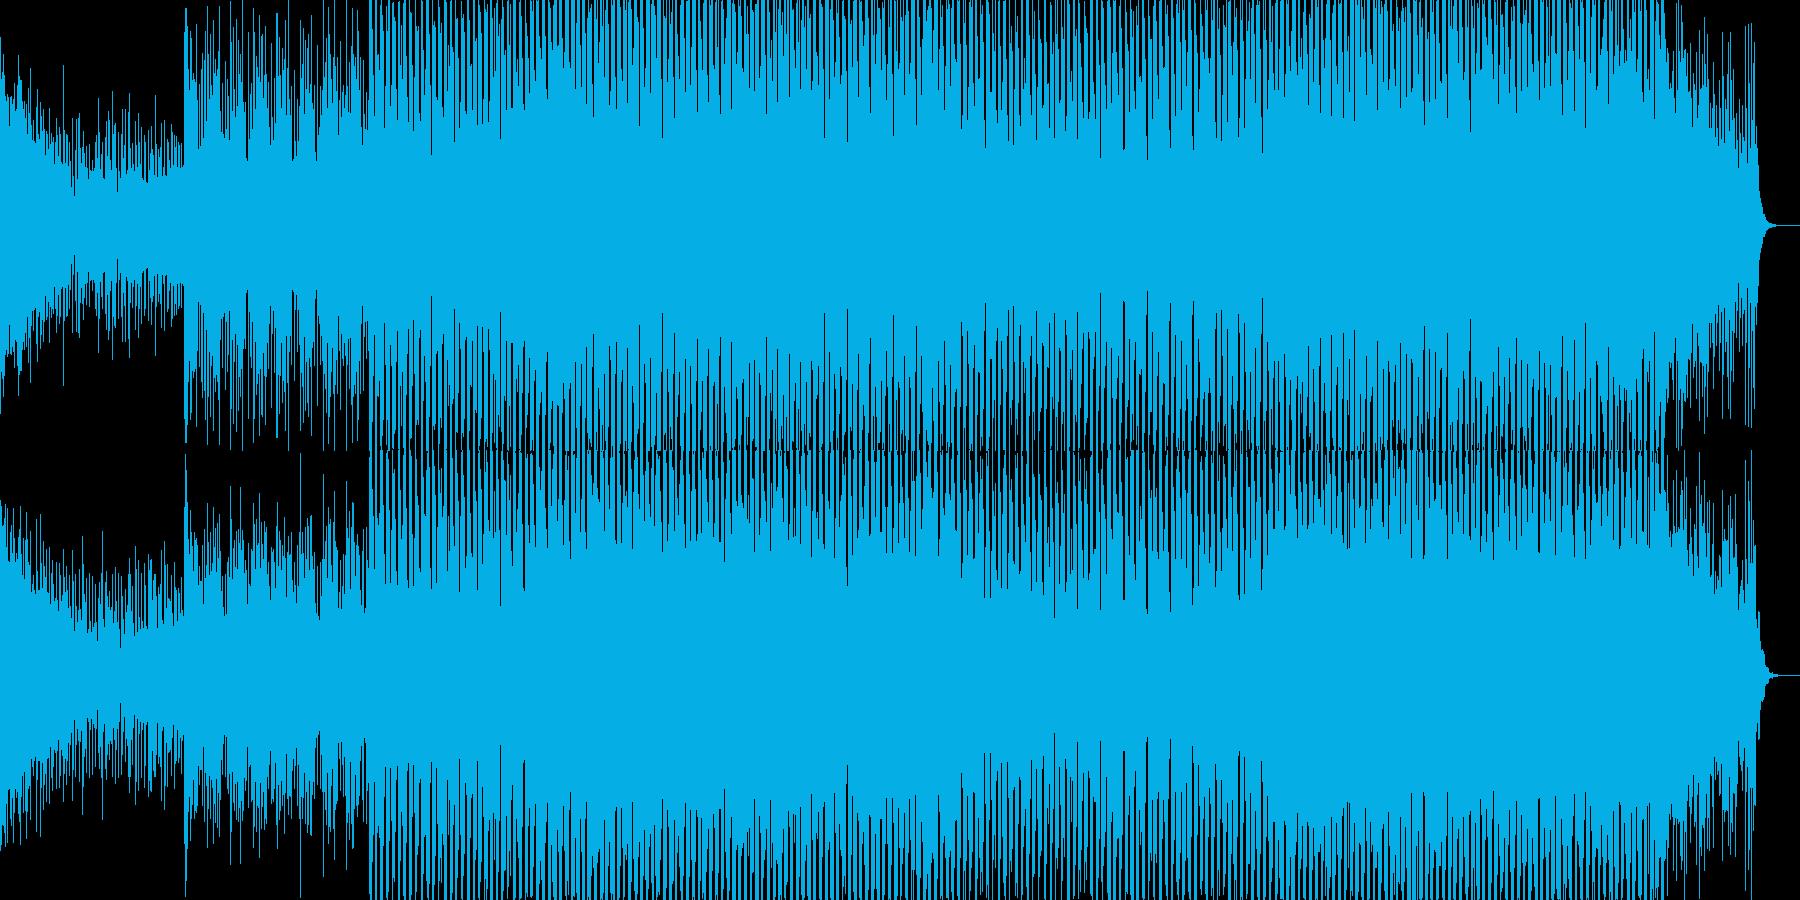 ニュース映像ナレーションバック向け-21の再生済みの波形